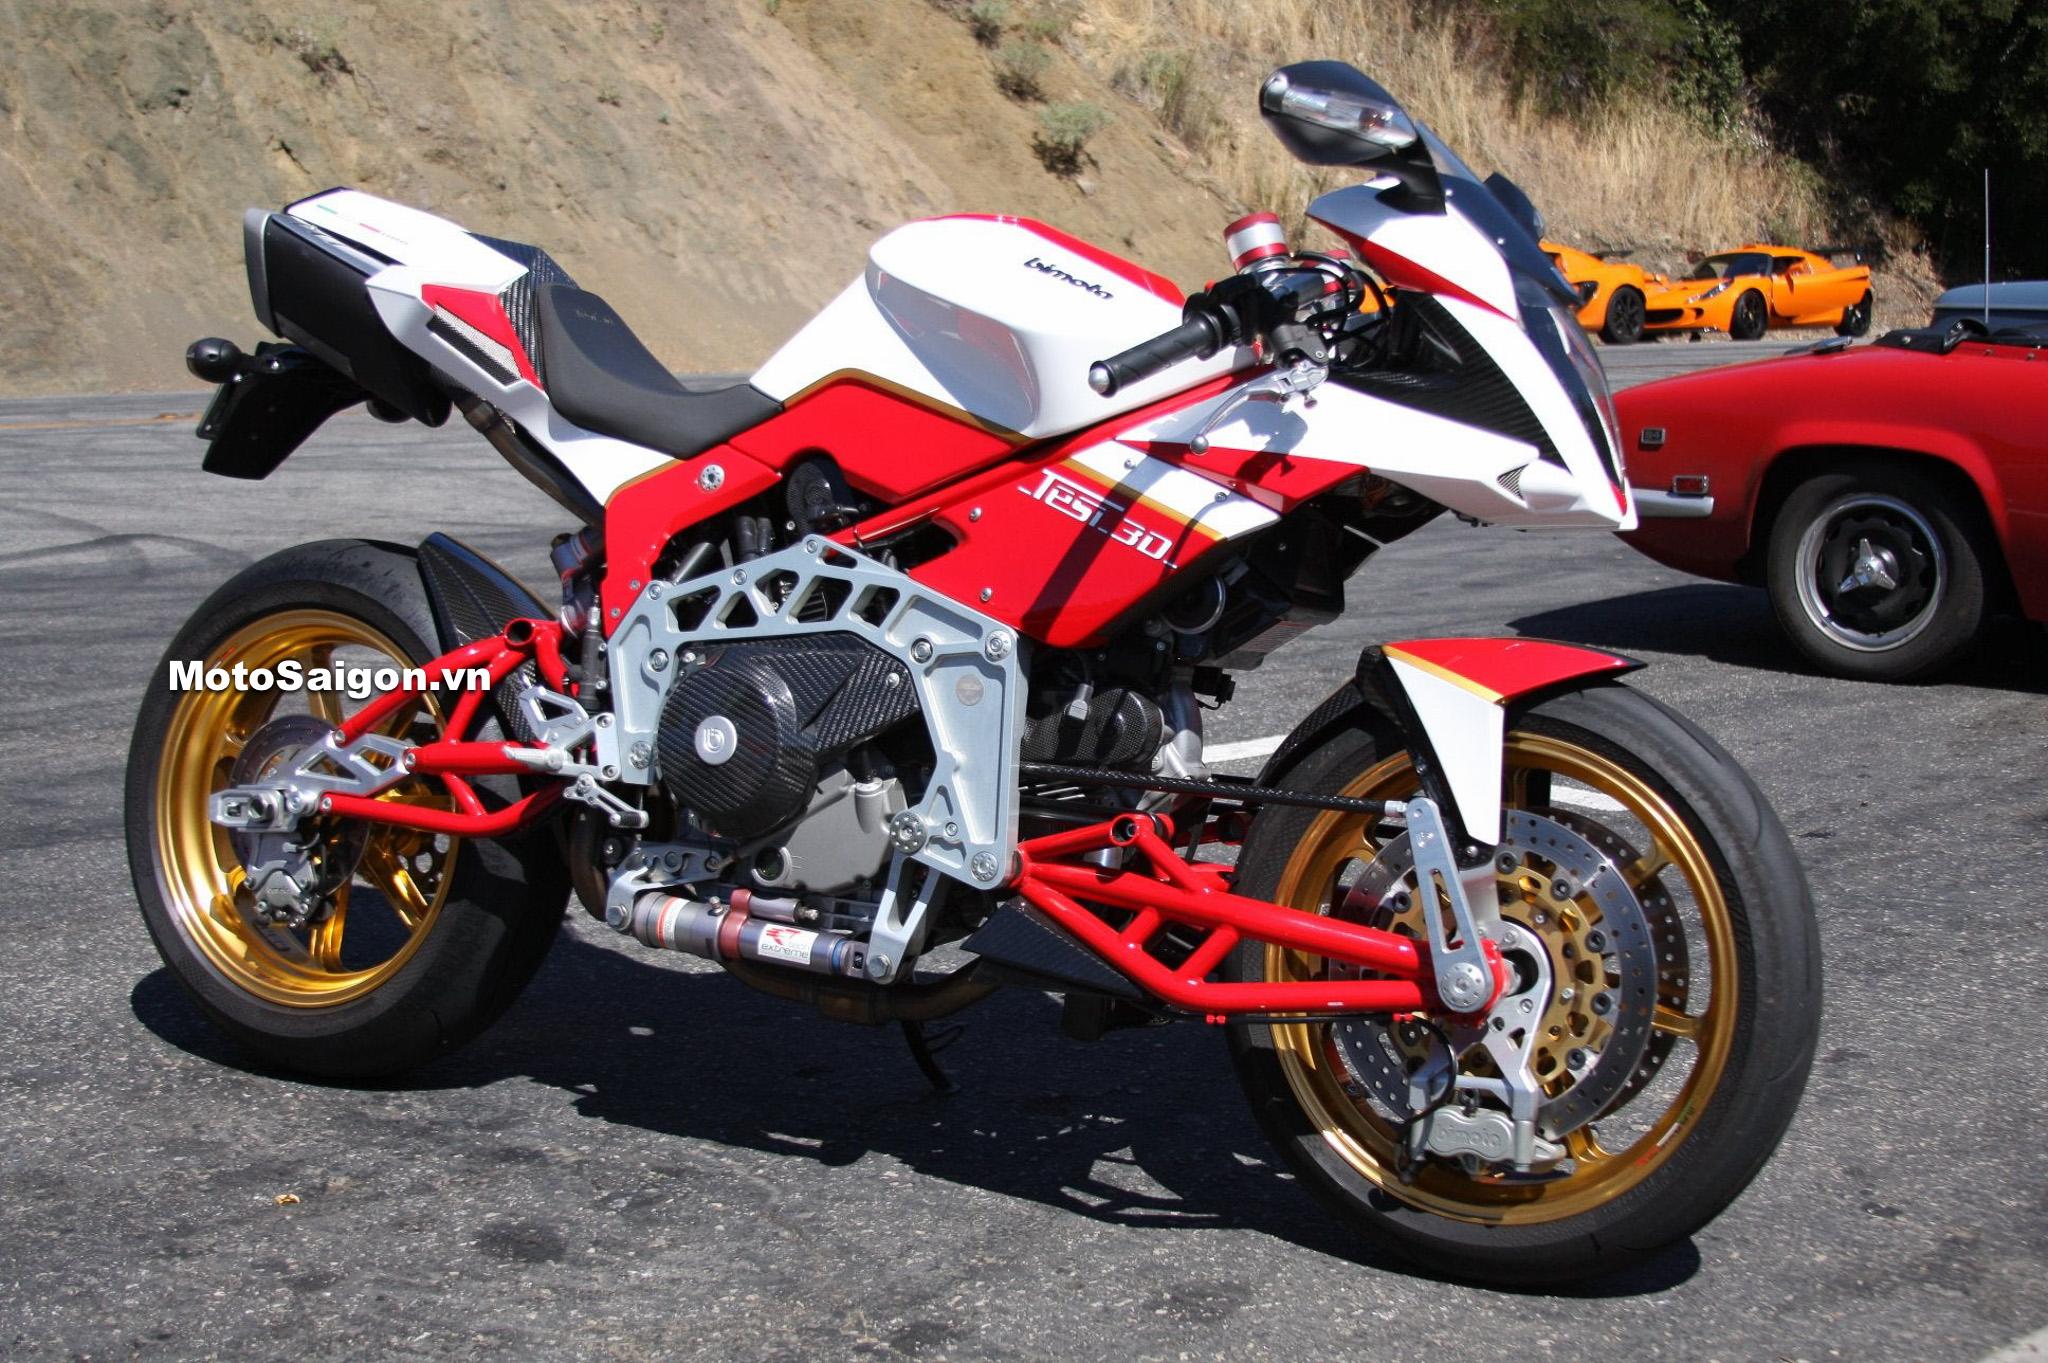 Kawasaki chính thức thâu tóm Bimota